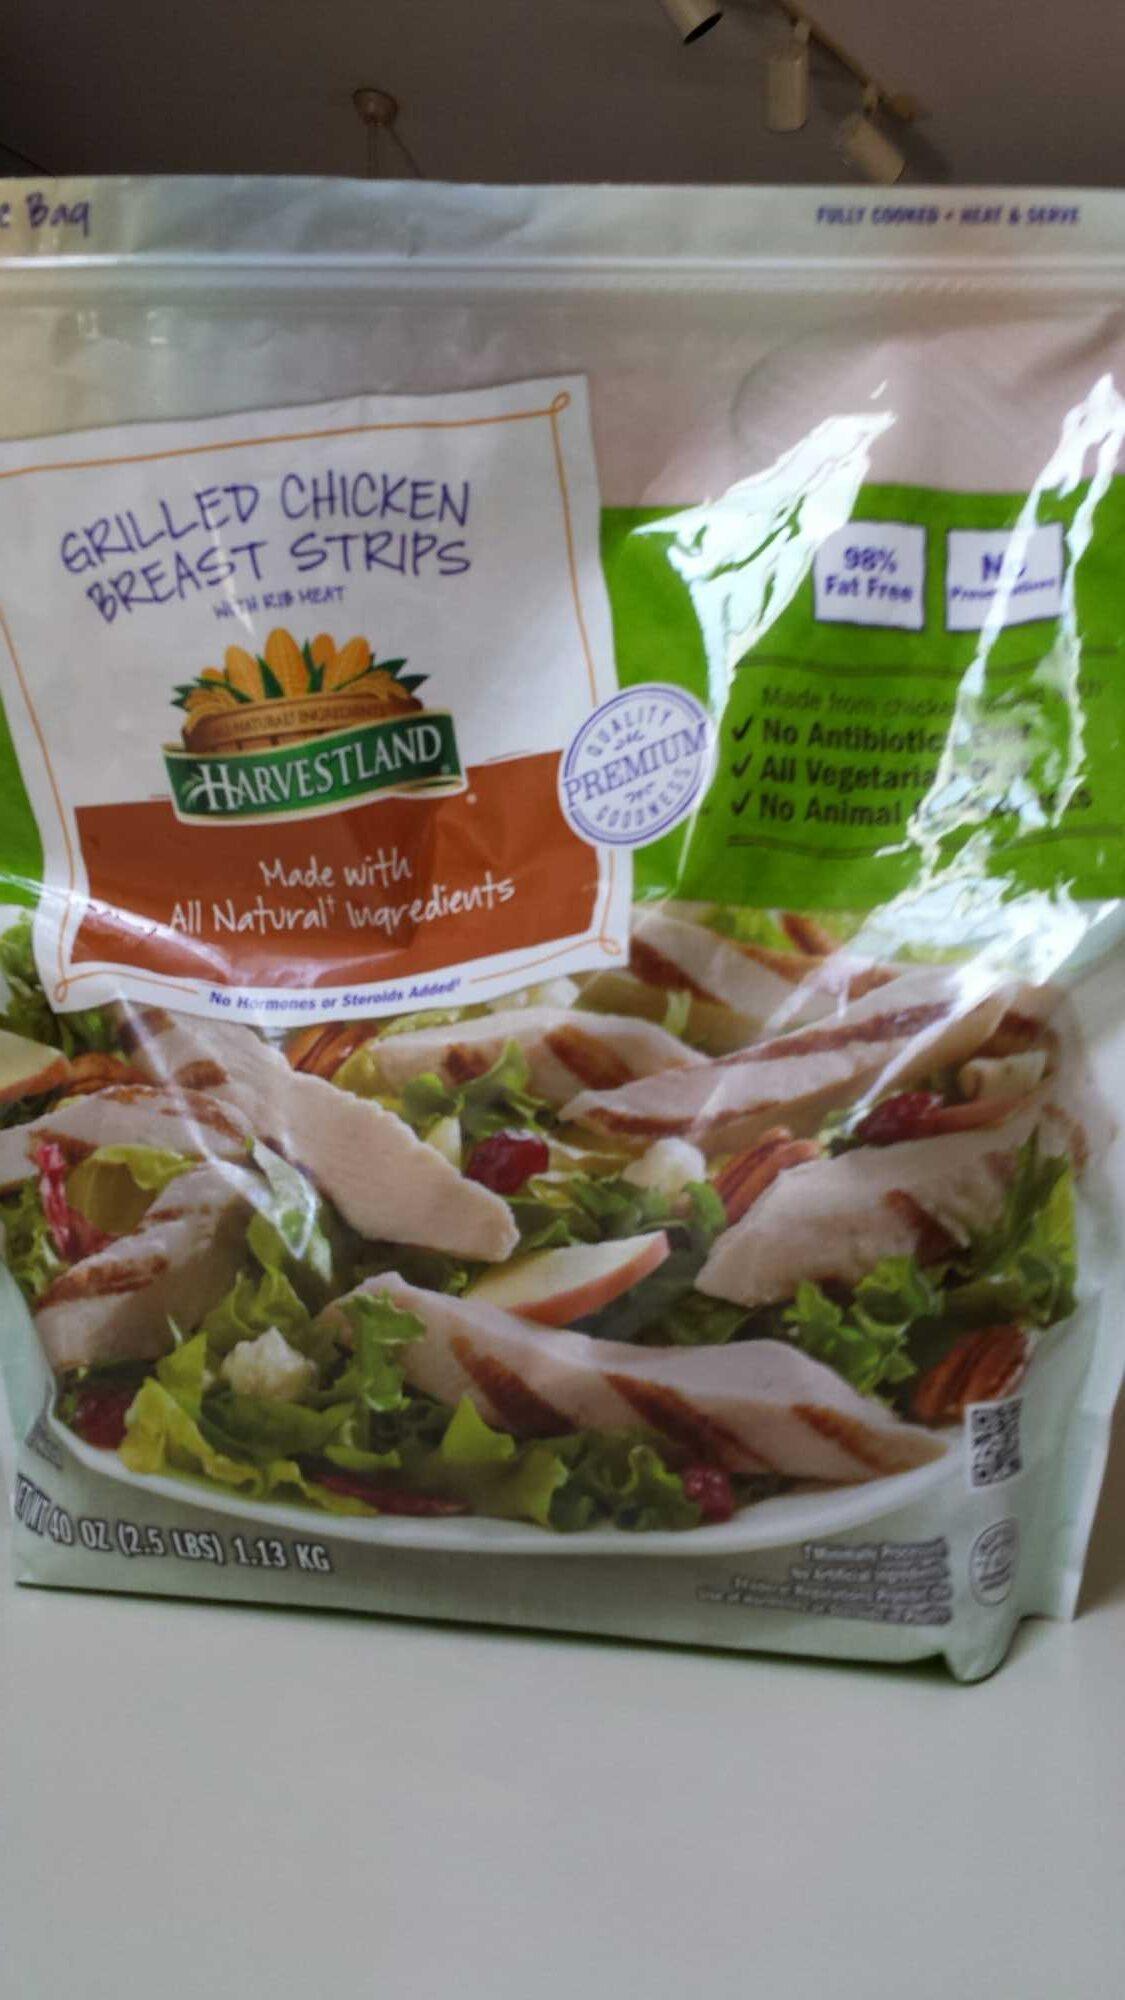 Harvestland Grilled Chicken Breast Strips - Produit